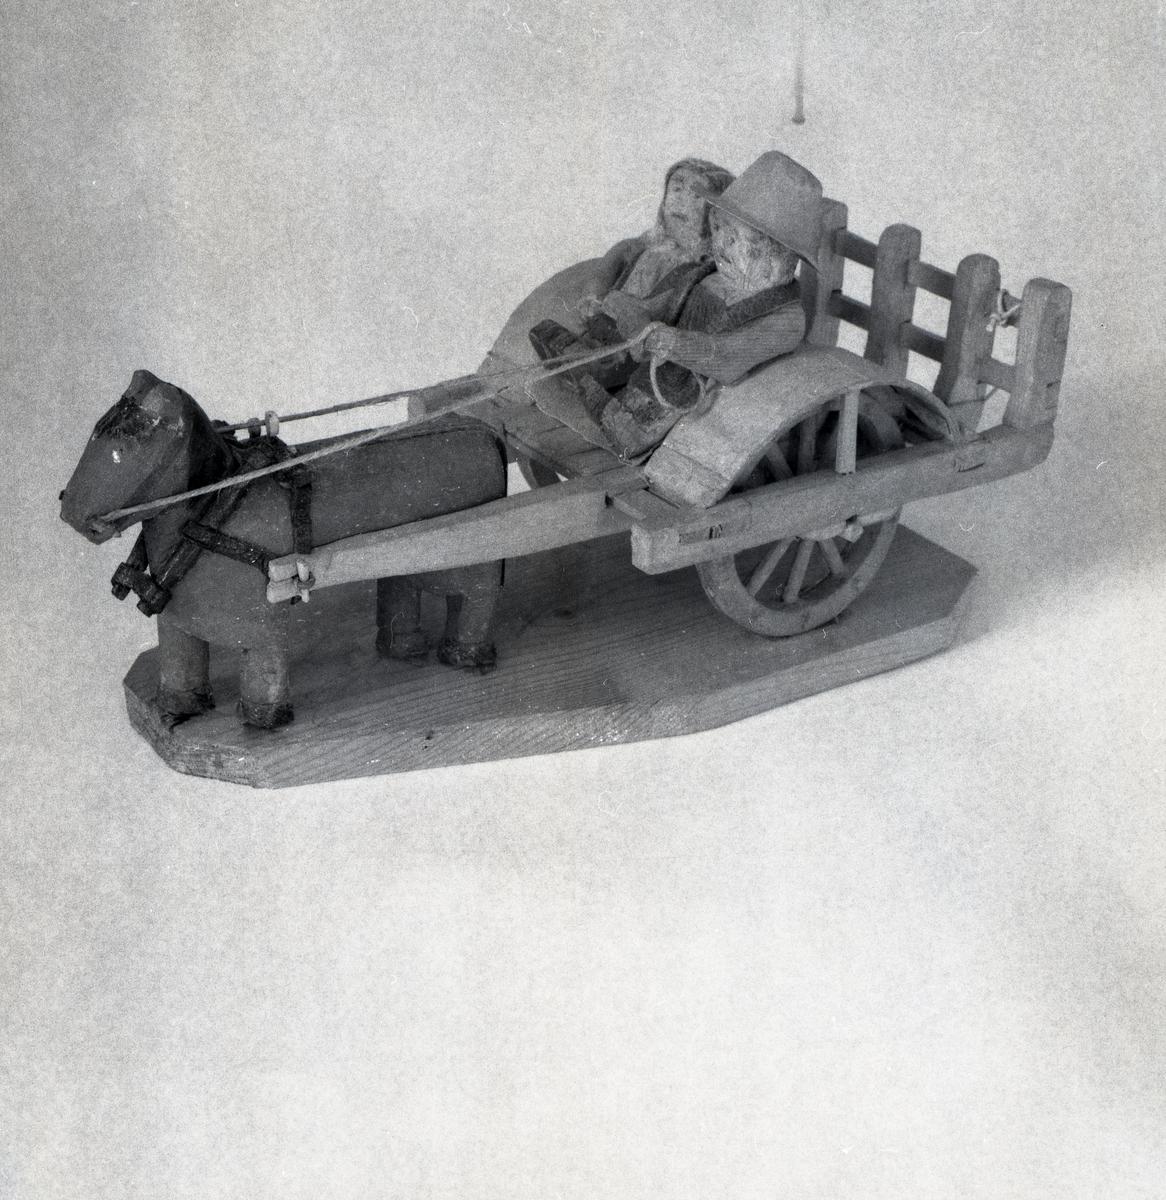 En trämodell av häst med vagn där två personer sitter i vagnen.